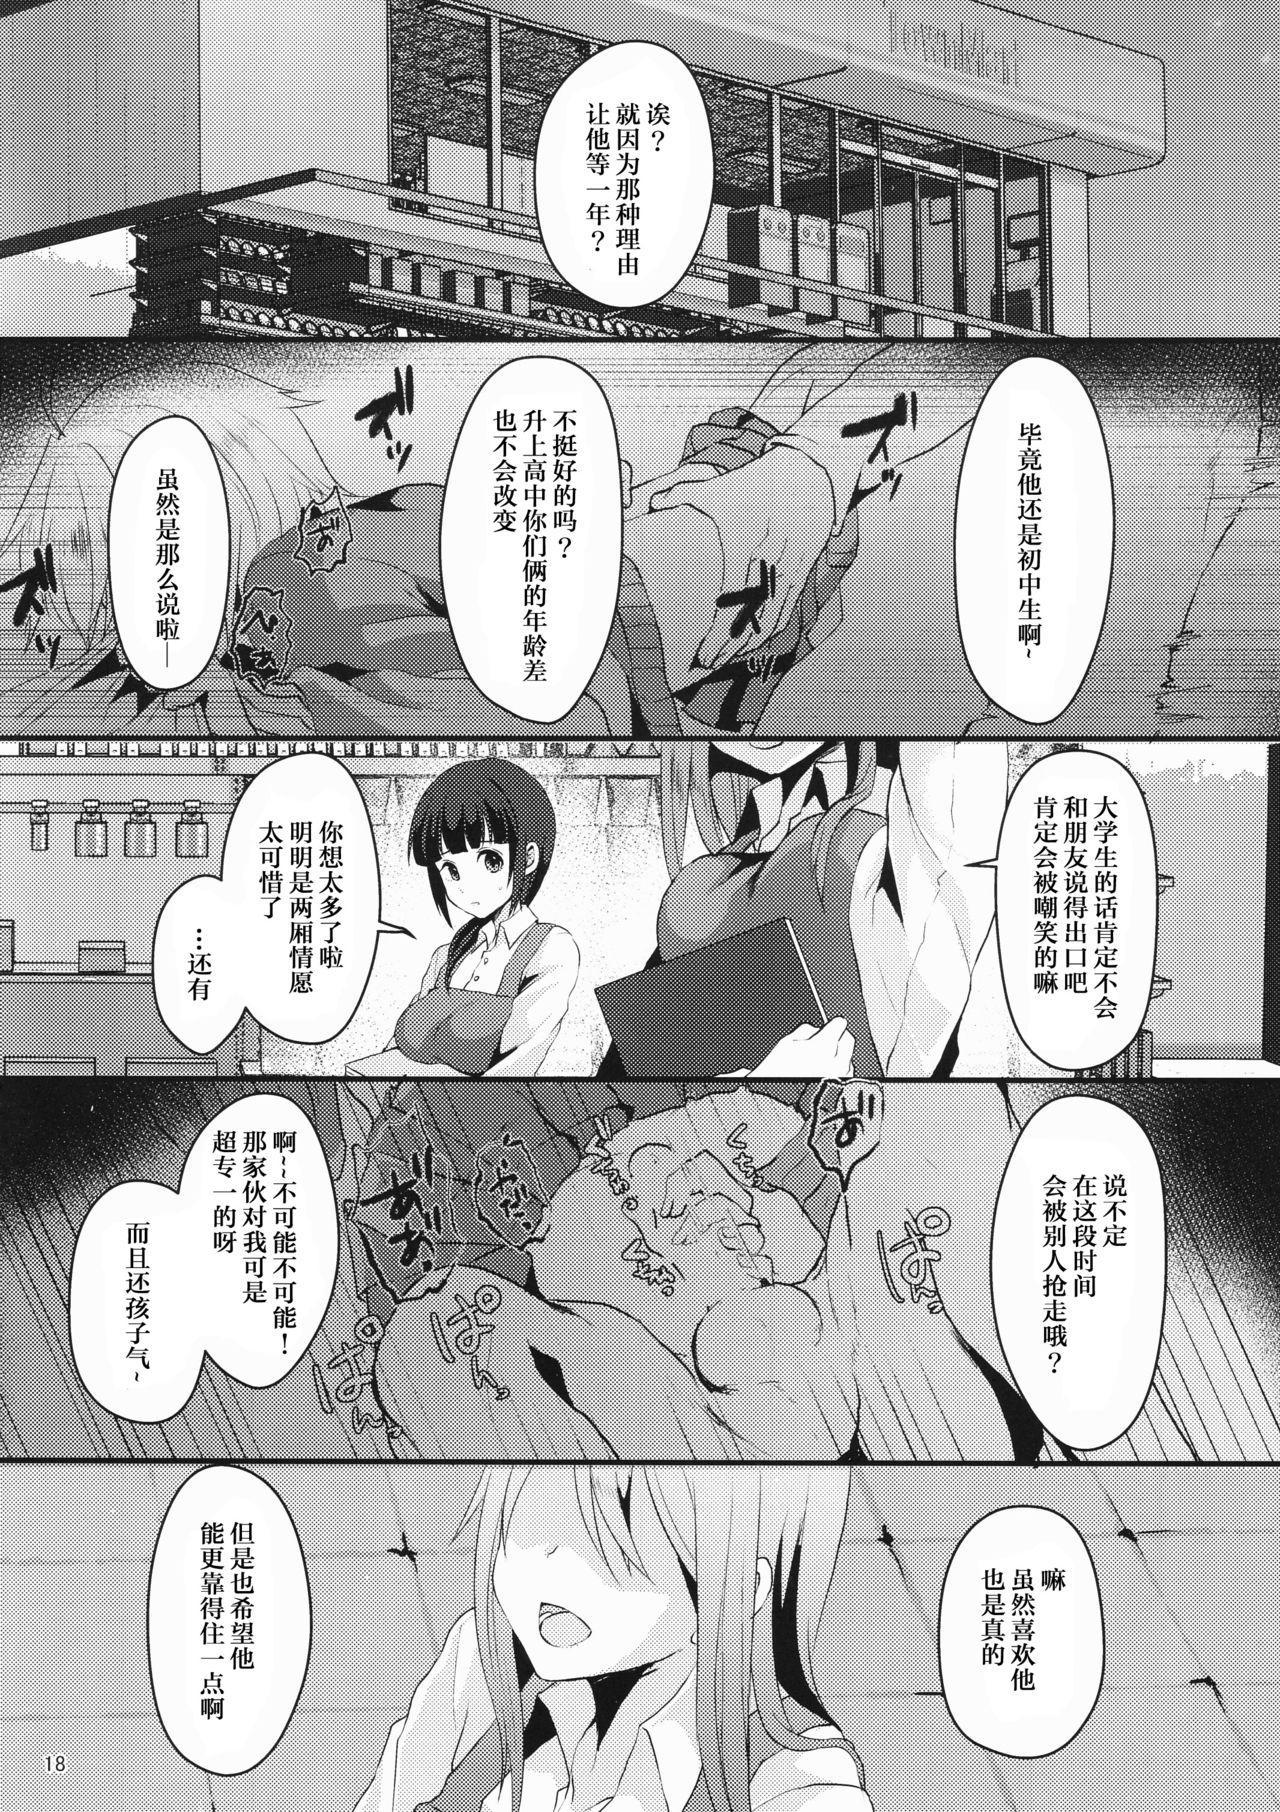 Kimi no Kareshi ni Naru Hazu datta. 1 16